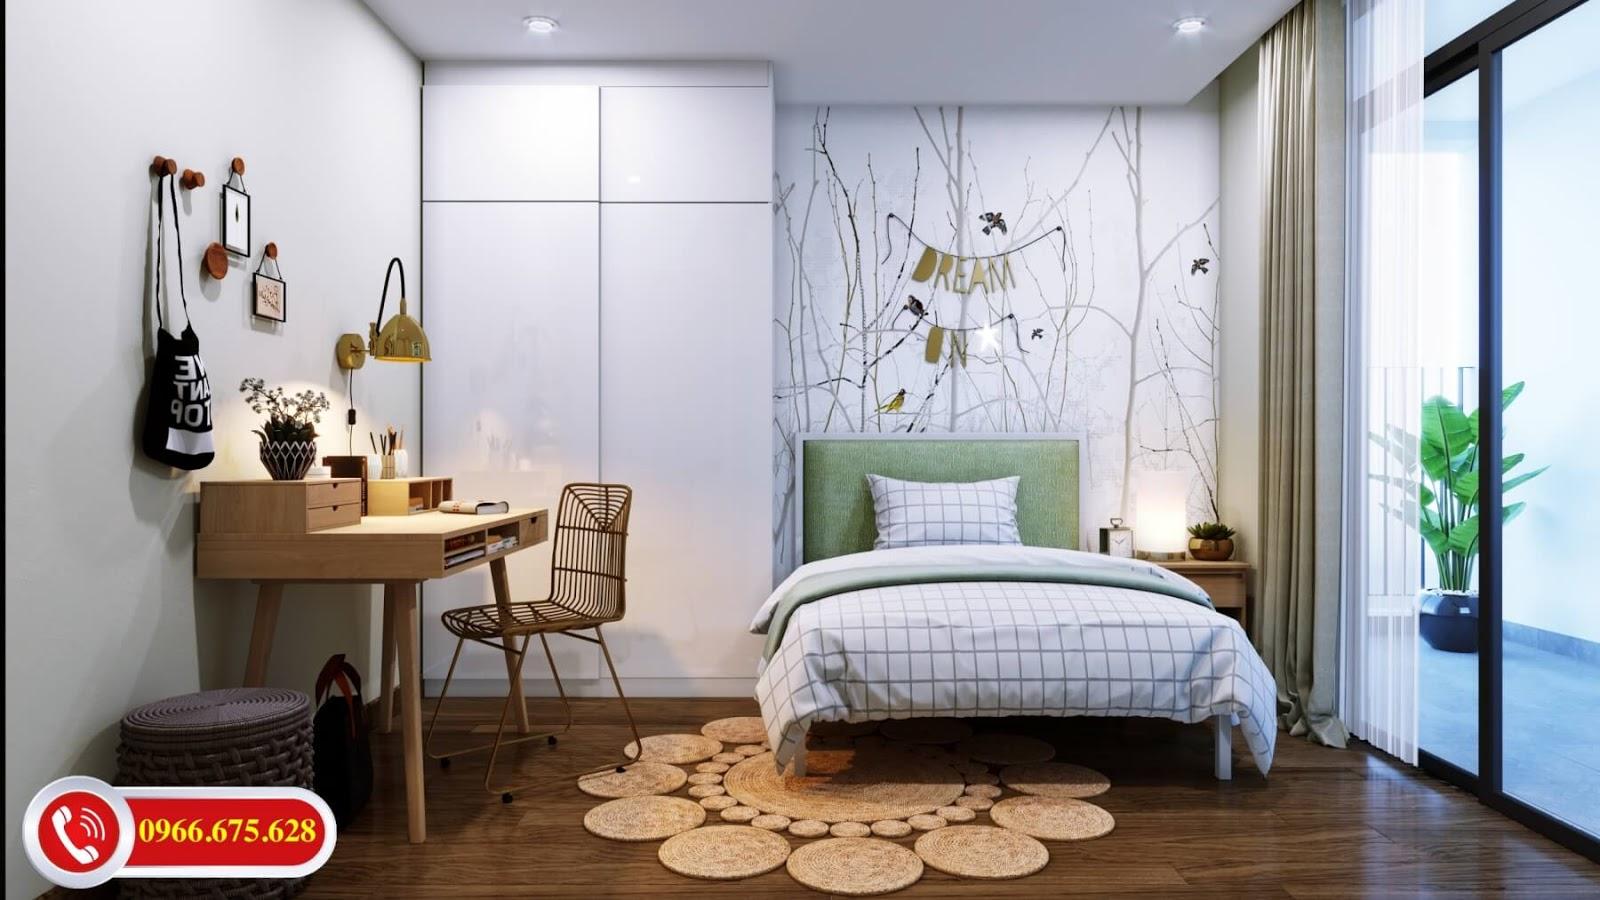 Phòng ngủ thường của dự án Amber 622 Minh Khai